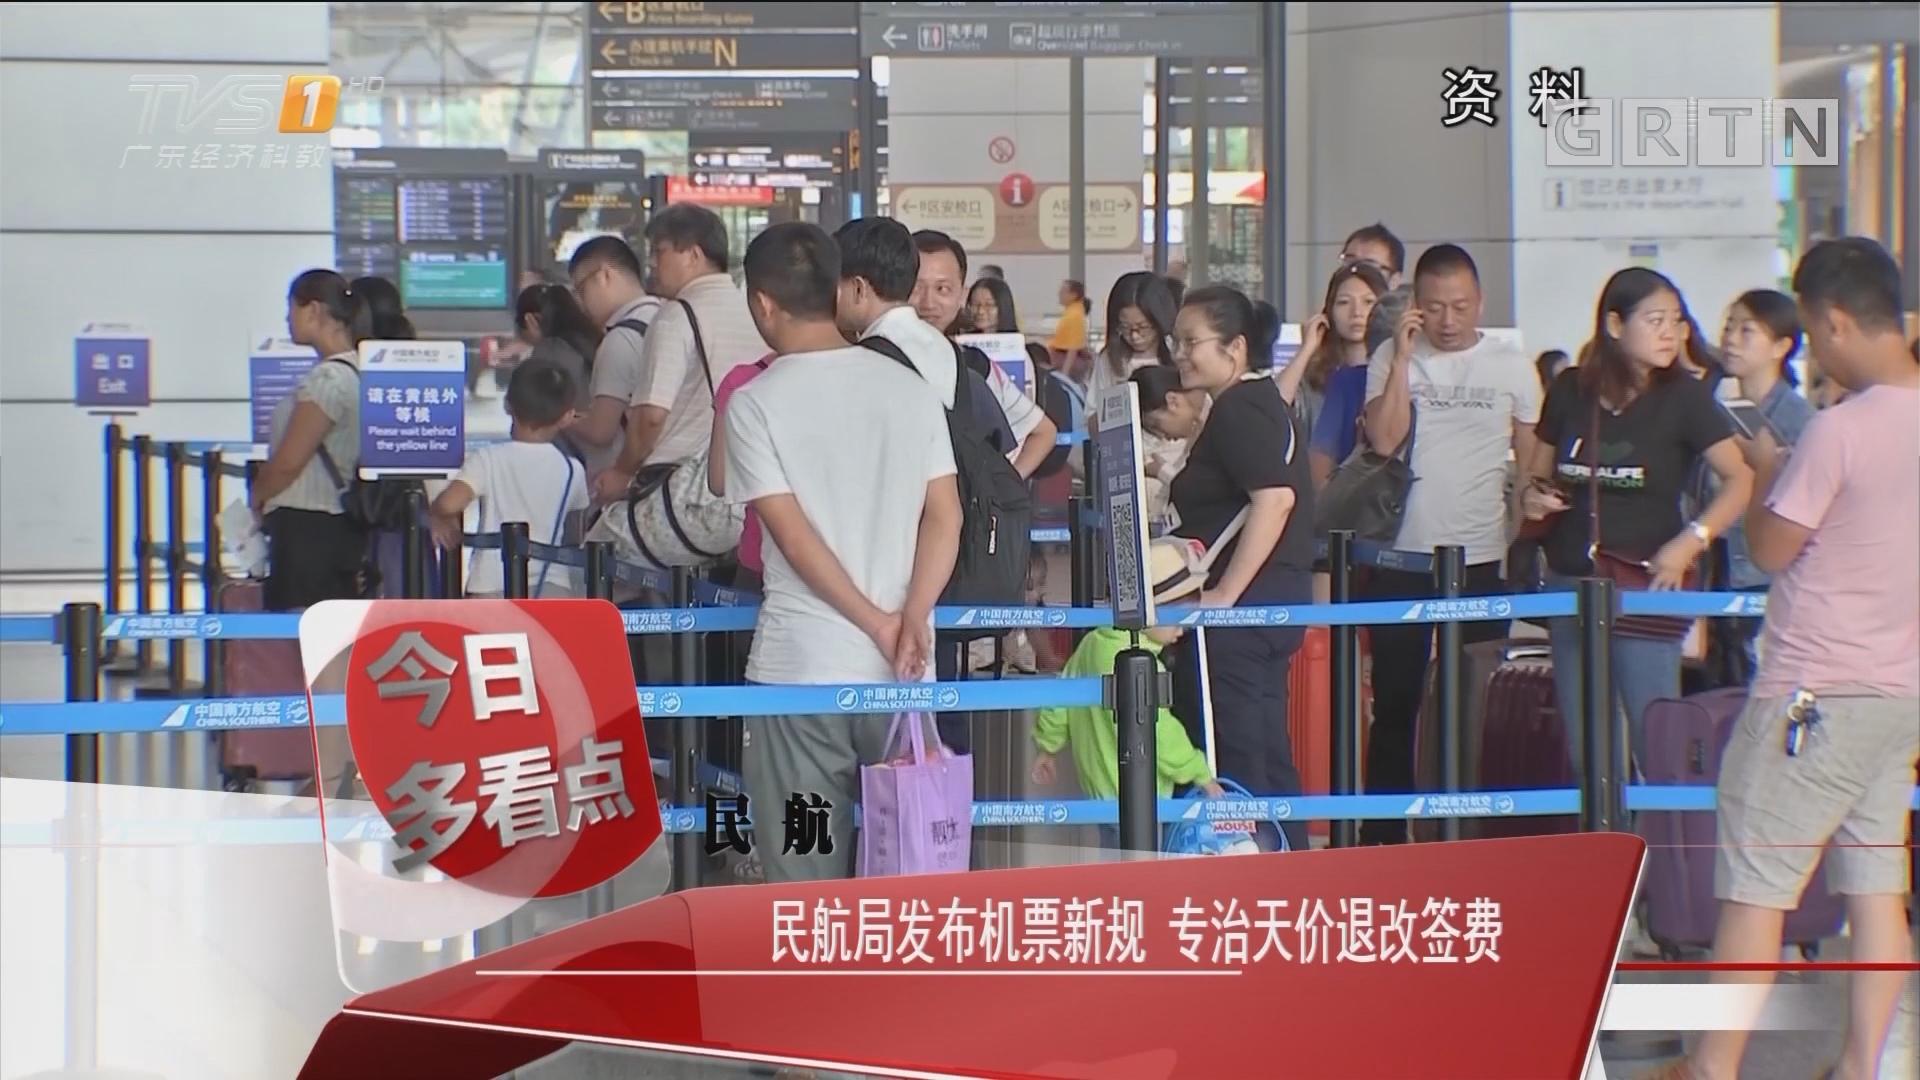 民航:民航局发布机票新规 专治天价退改签费